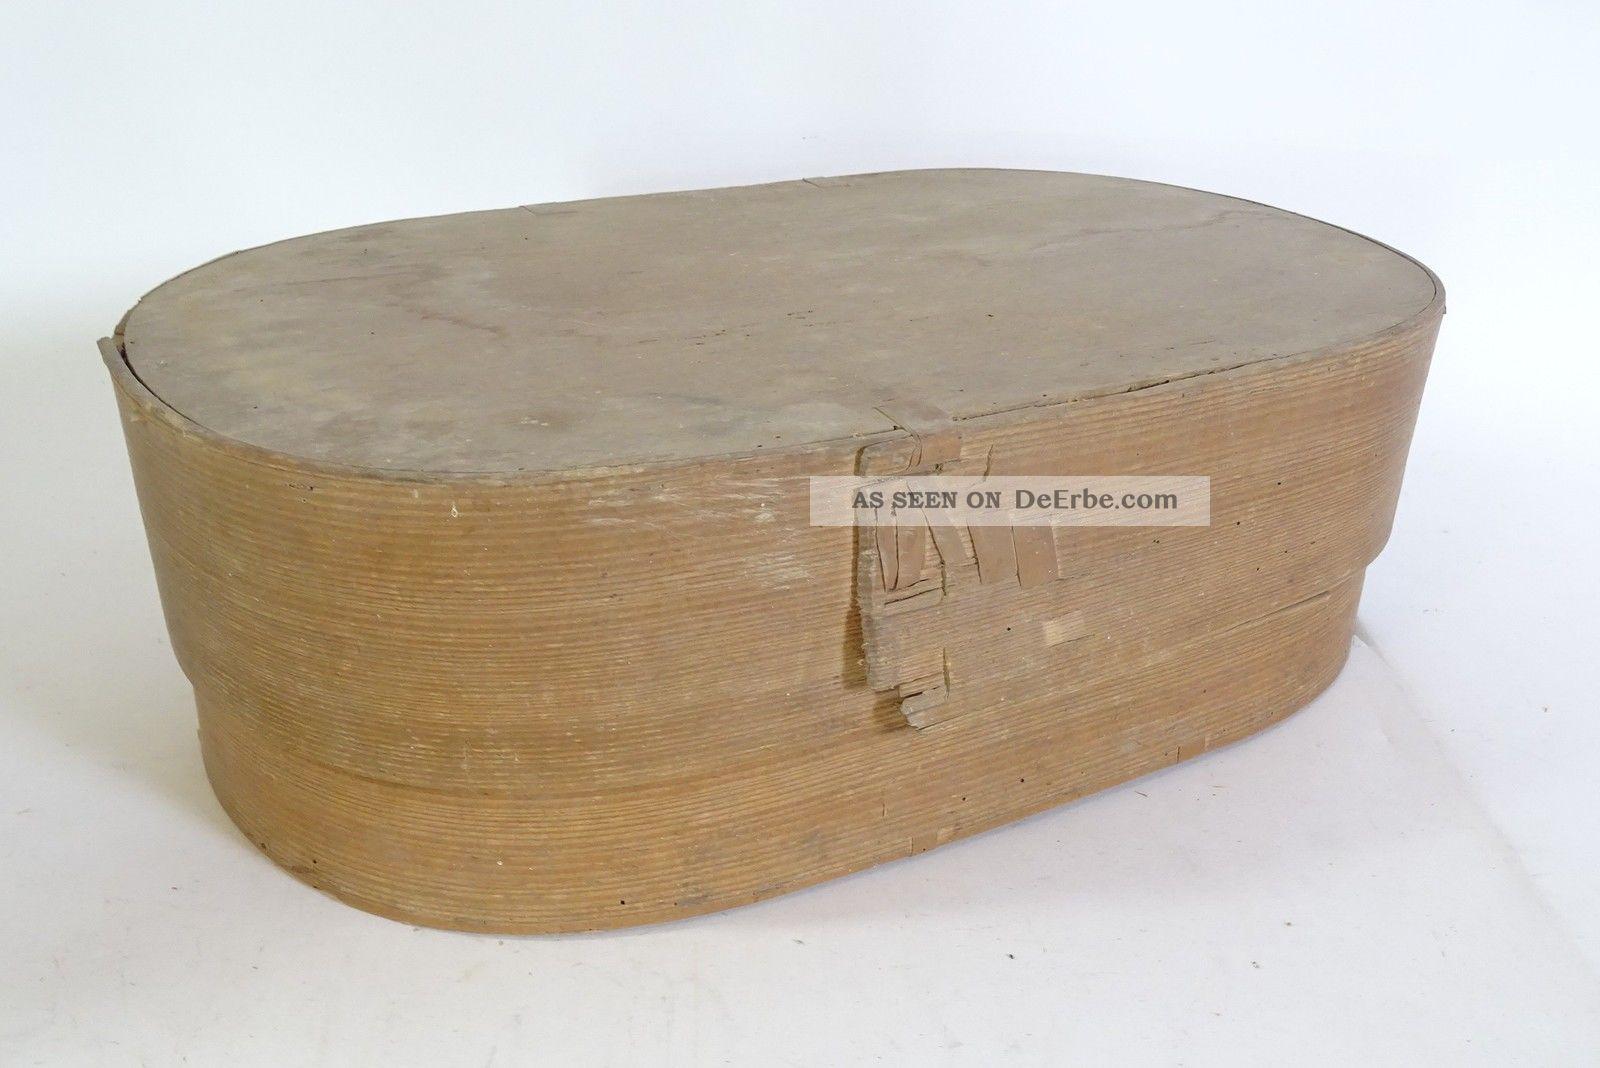 Antike Große Ovale Span Schachtel Aufbewahrungs Box Spanschachtel Um 1910 Holzarbeiten Bild